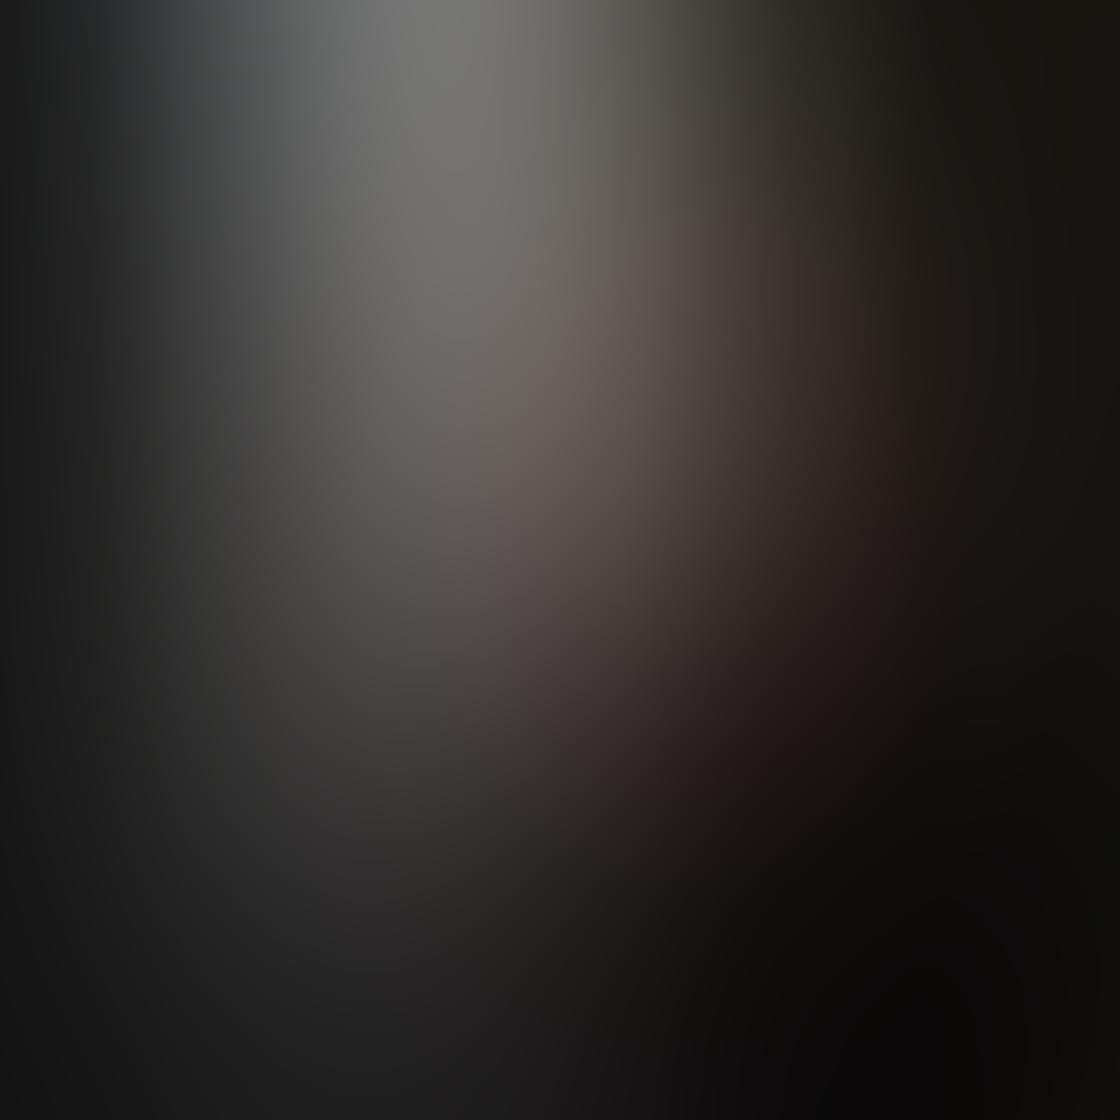 iPhone Photos Portrait Backgrounds 8